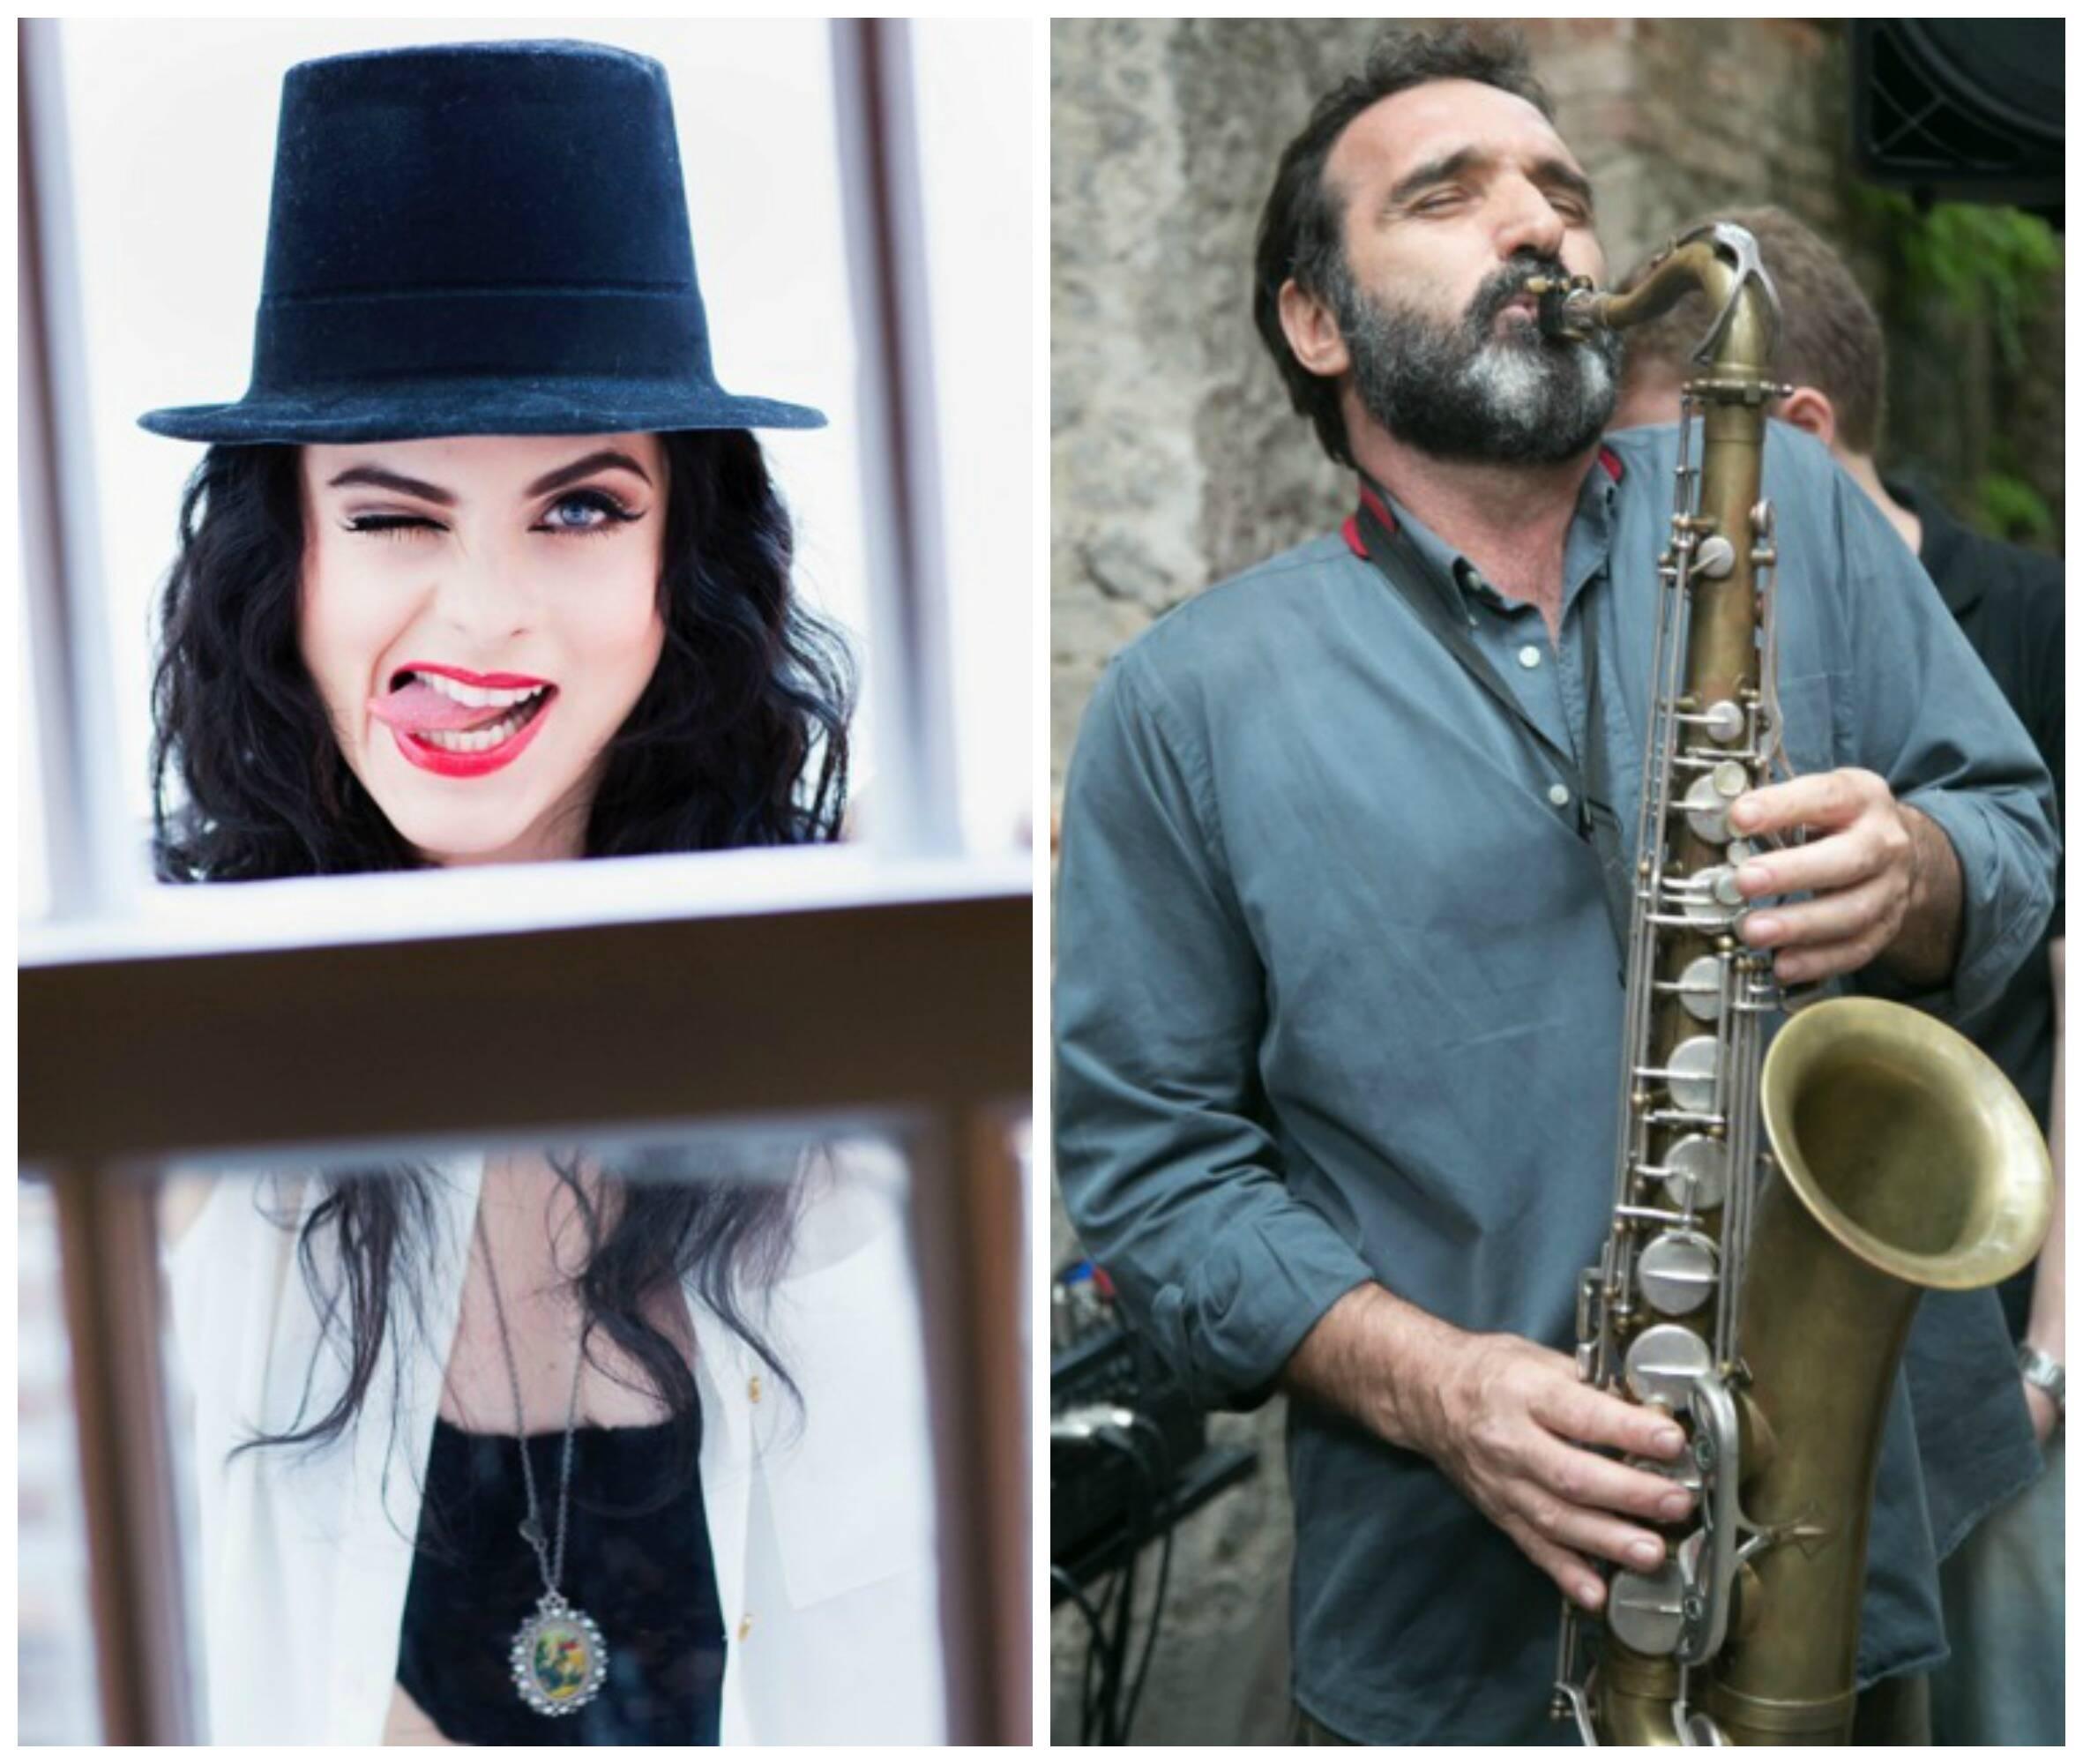 A cantora Renata Ricci encomendou ao músico Edgar Duvivier as versões para o francês das músicas que canta em seu show / Fotos: Ângelo Pastorello e Miguel Sá